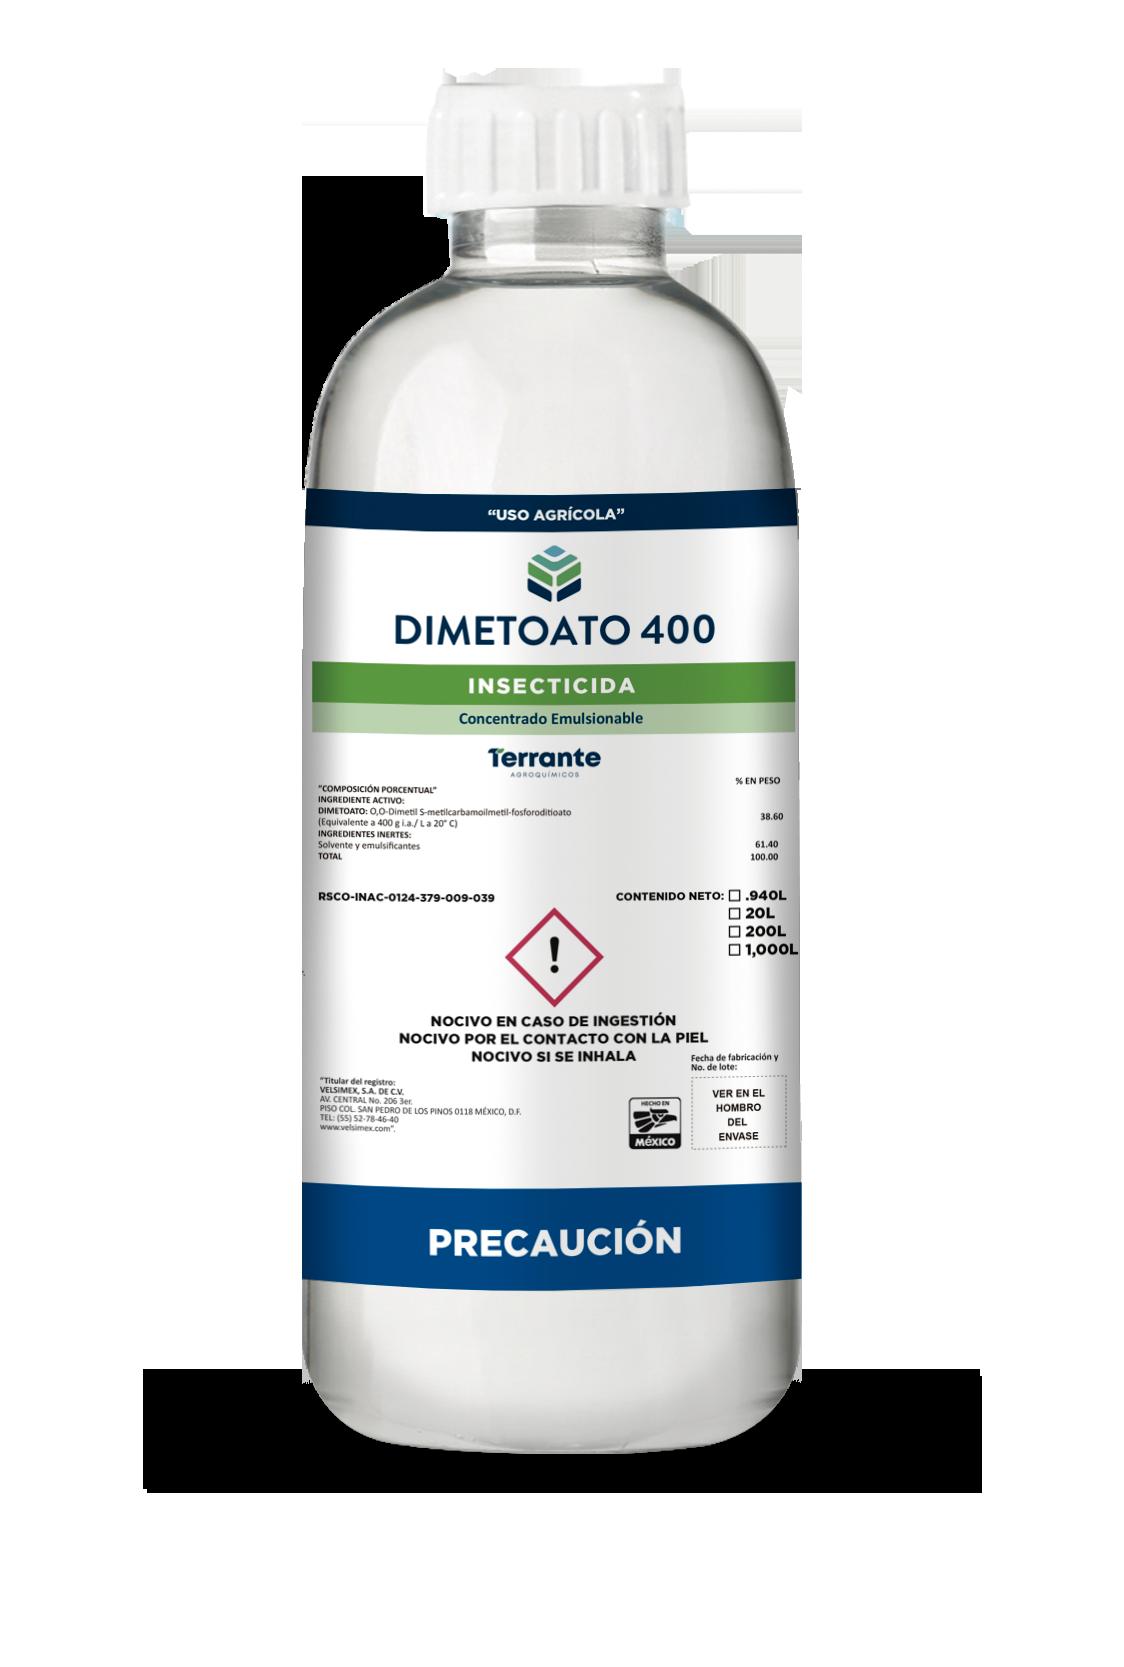 DIMETOATO 400